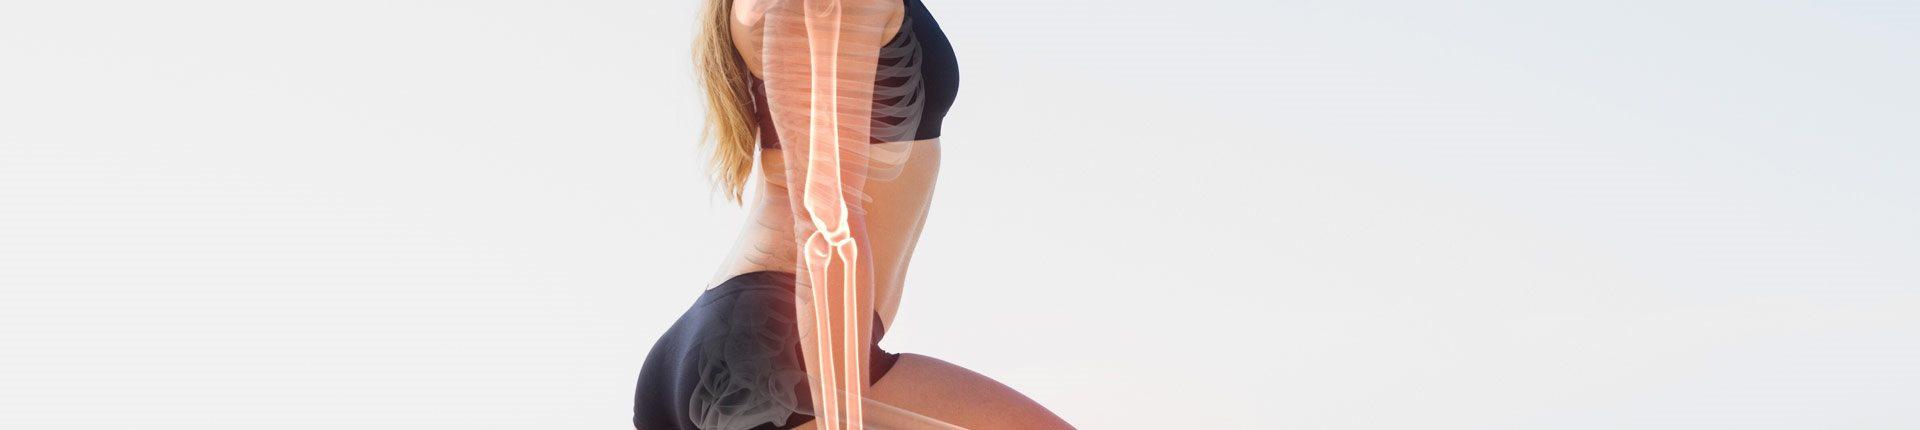 Jak trenować, aby utrzymać zdrowe kości?